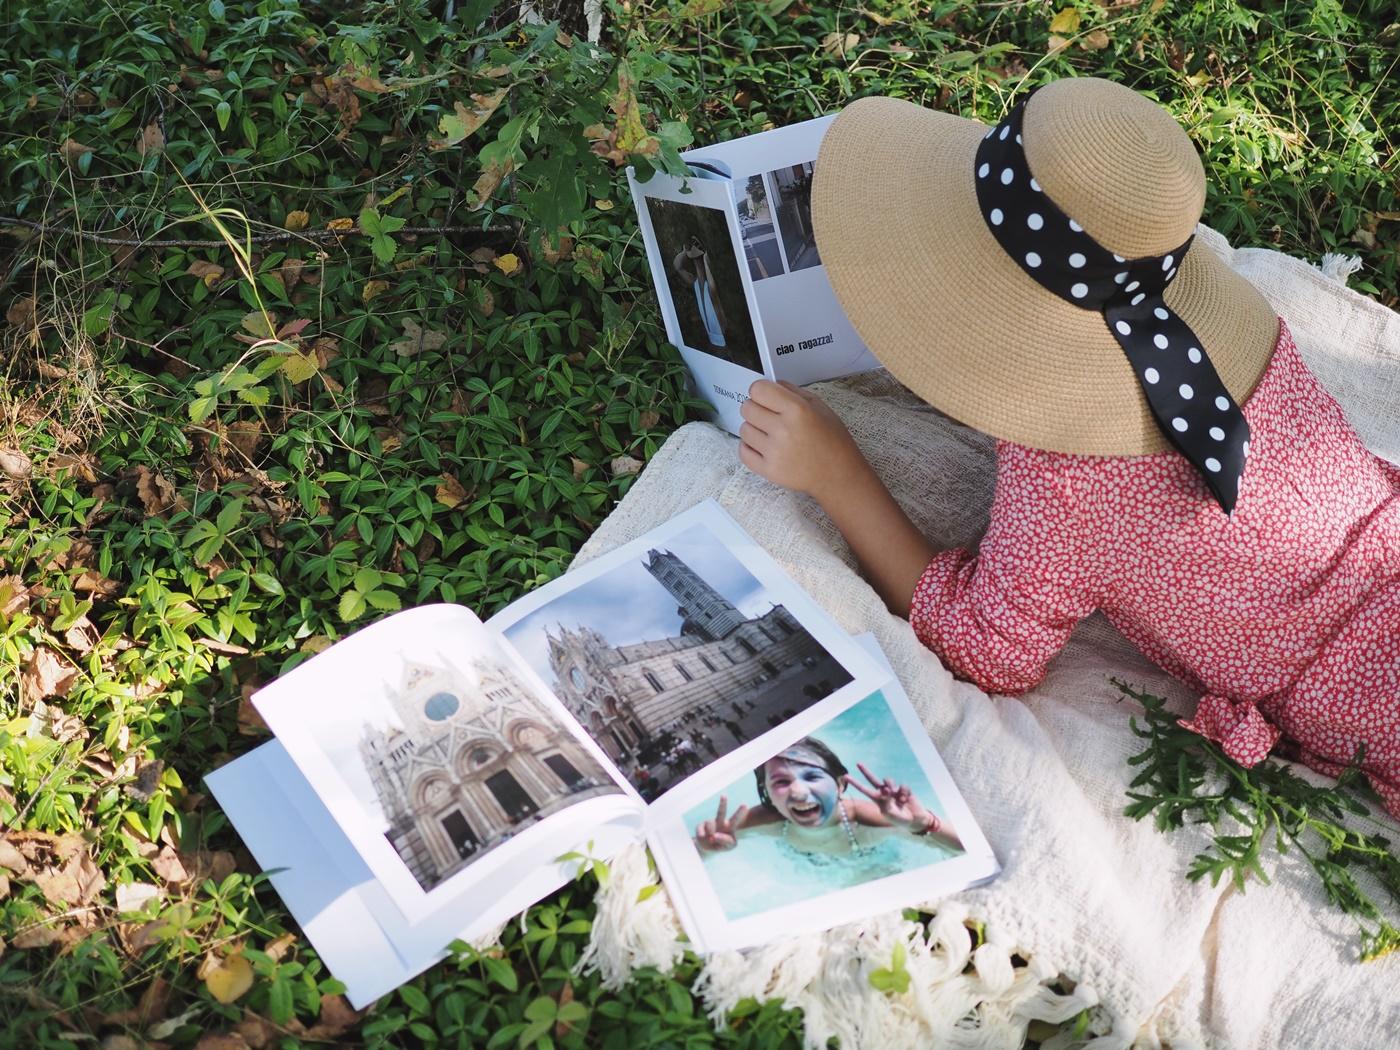 zdjęcia z wakacji w fotoksiążce